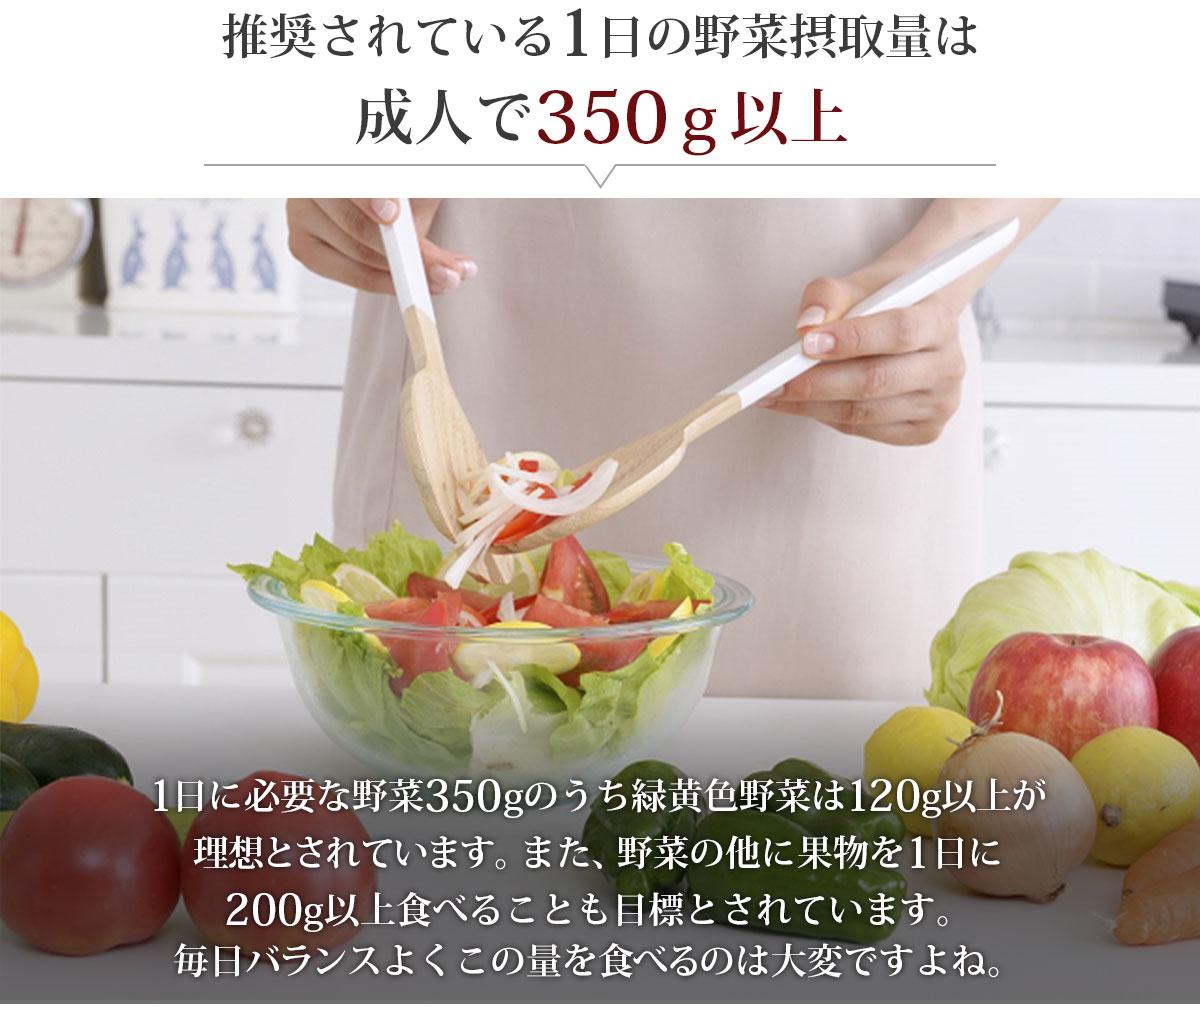 推奨されている1日の野菜摂取量は成人で350g以上 1日に必要な野菜350gのうち緑黄色野菜は120g以上が理想とされています。また、野菜の他に果物を1日に200g以上食べることも目標とされています。毎日バランスよくこの量を食べるのは大変ですよね。